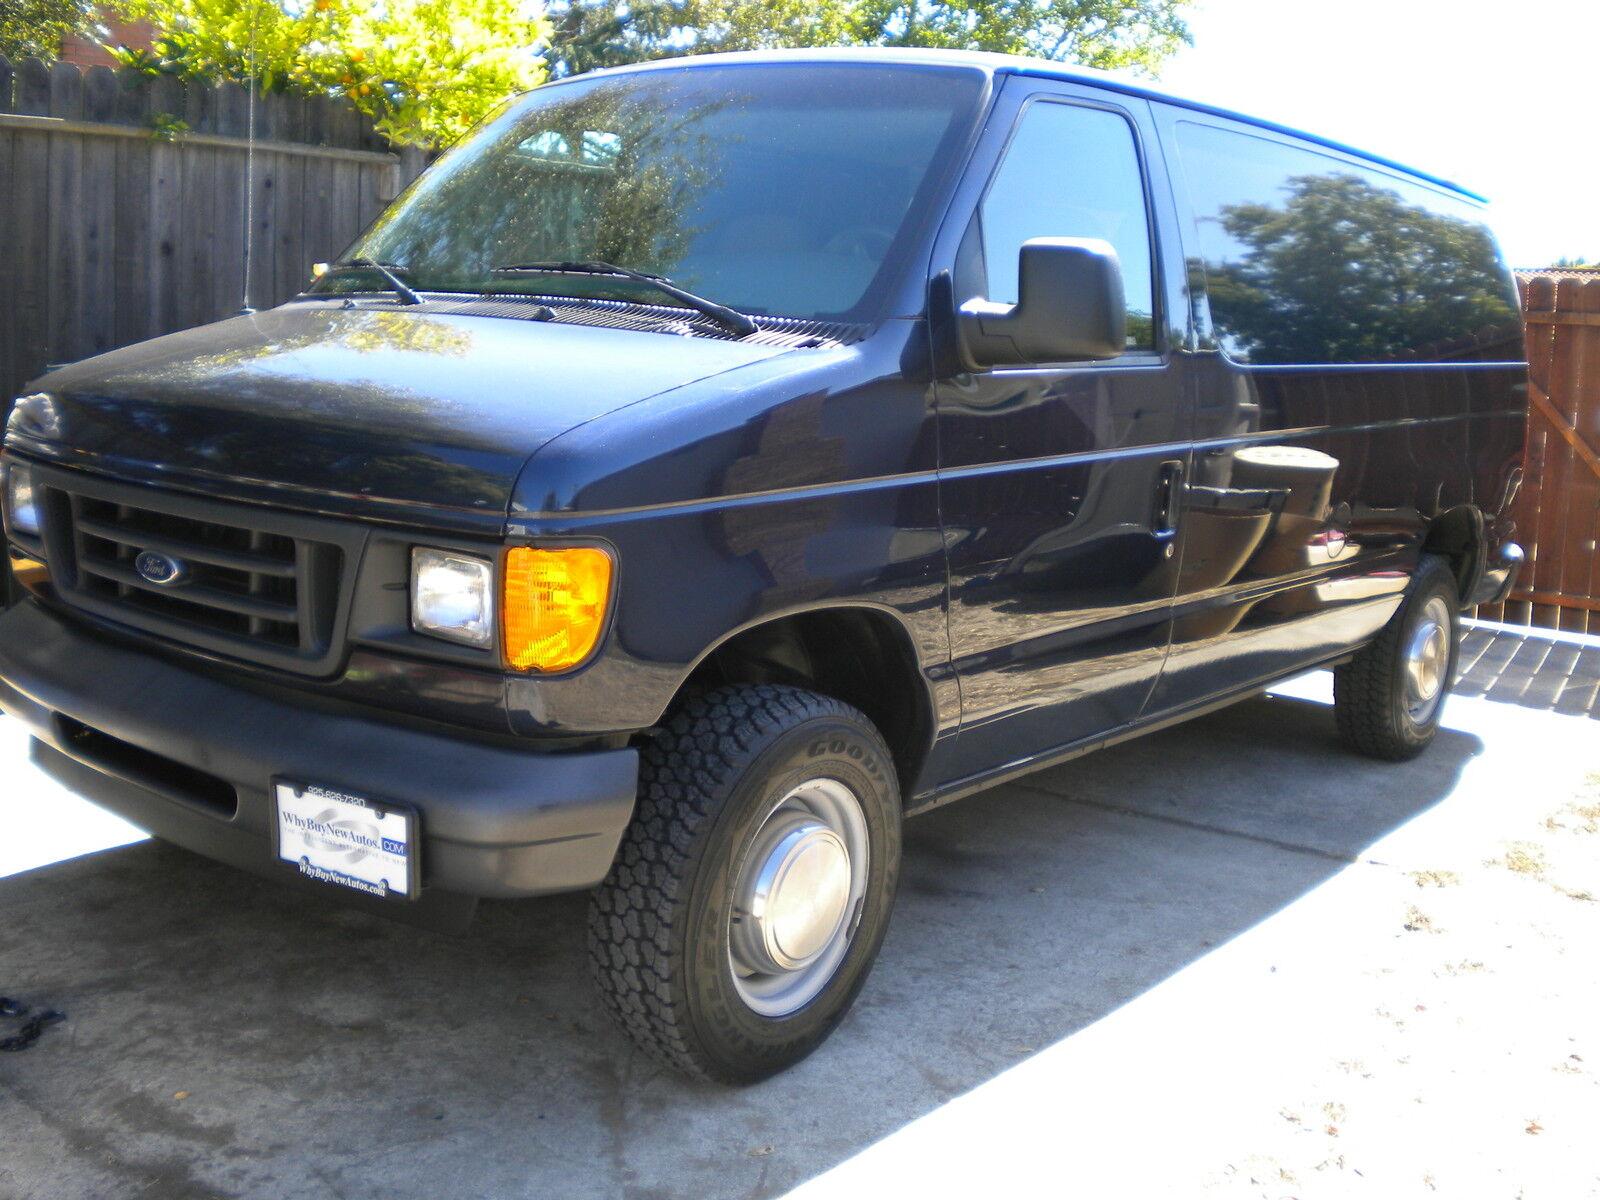 Tina's Blue Van